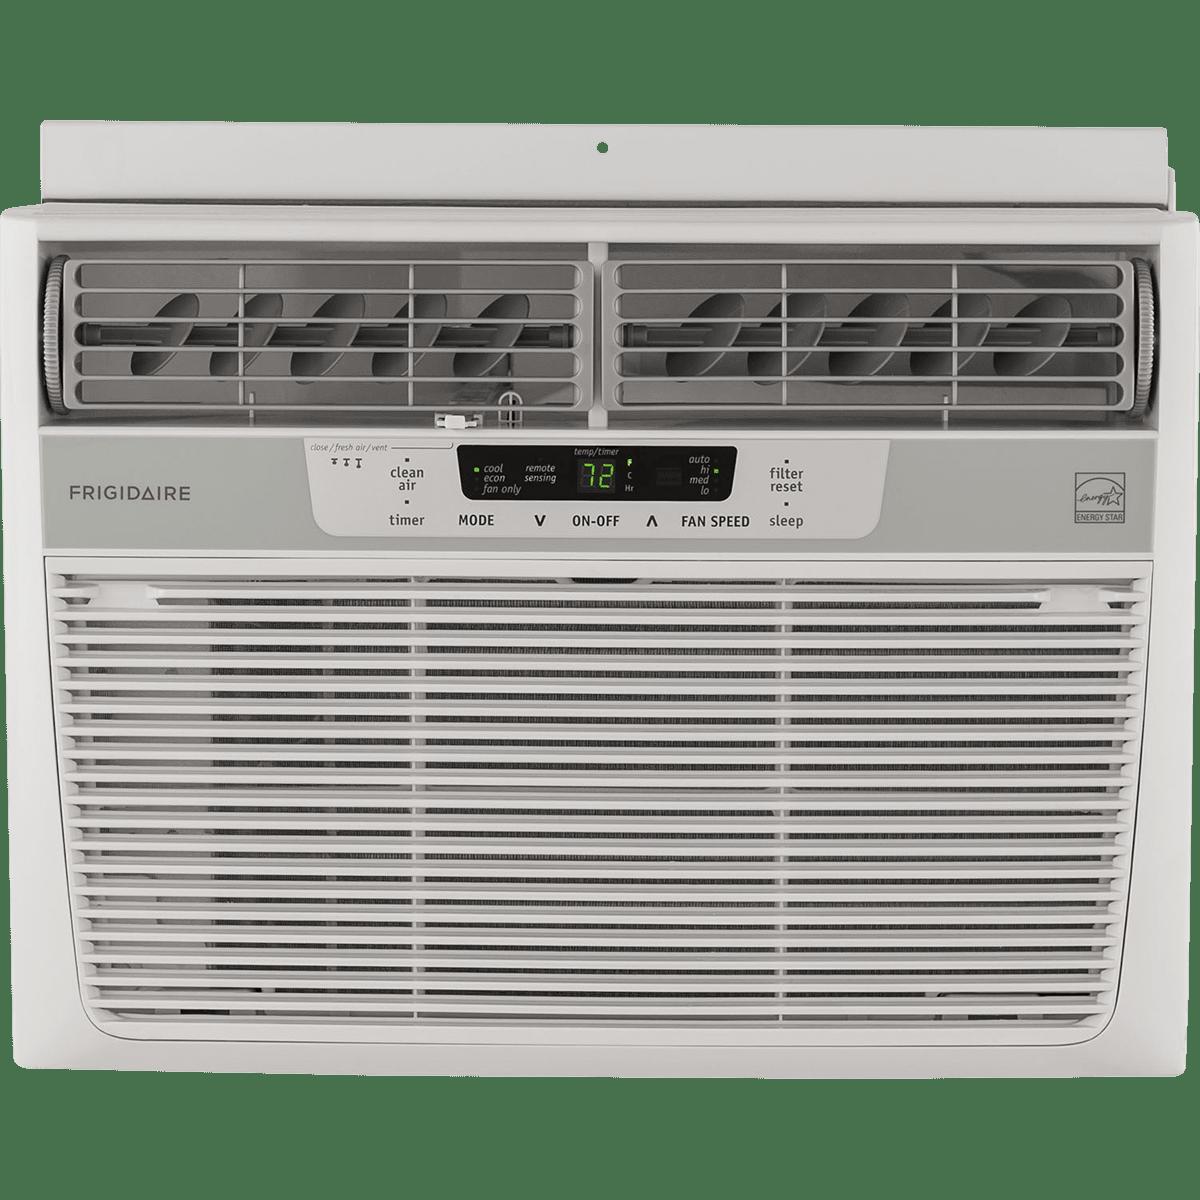 Frigidaire FFRE1233S1 12,000 BTU Energy Star Window-Mounted Air Conditioner fr5379